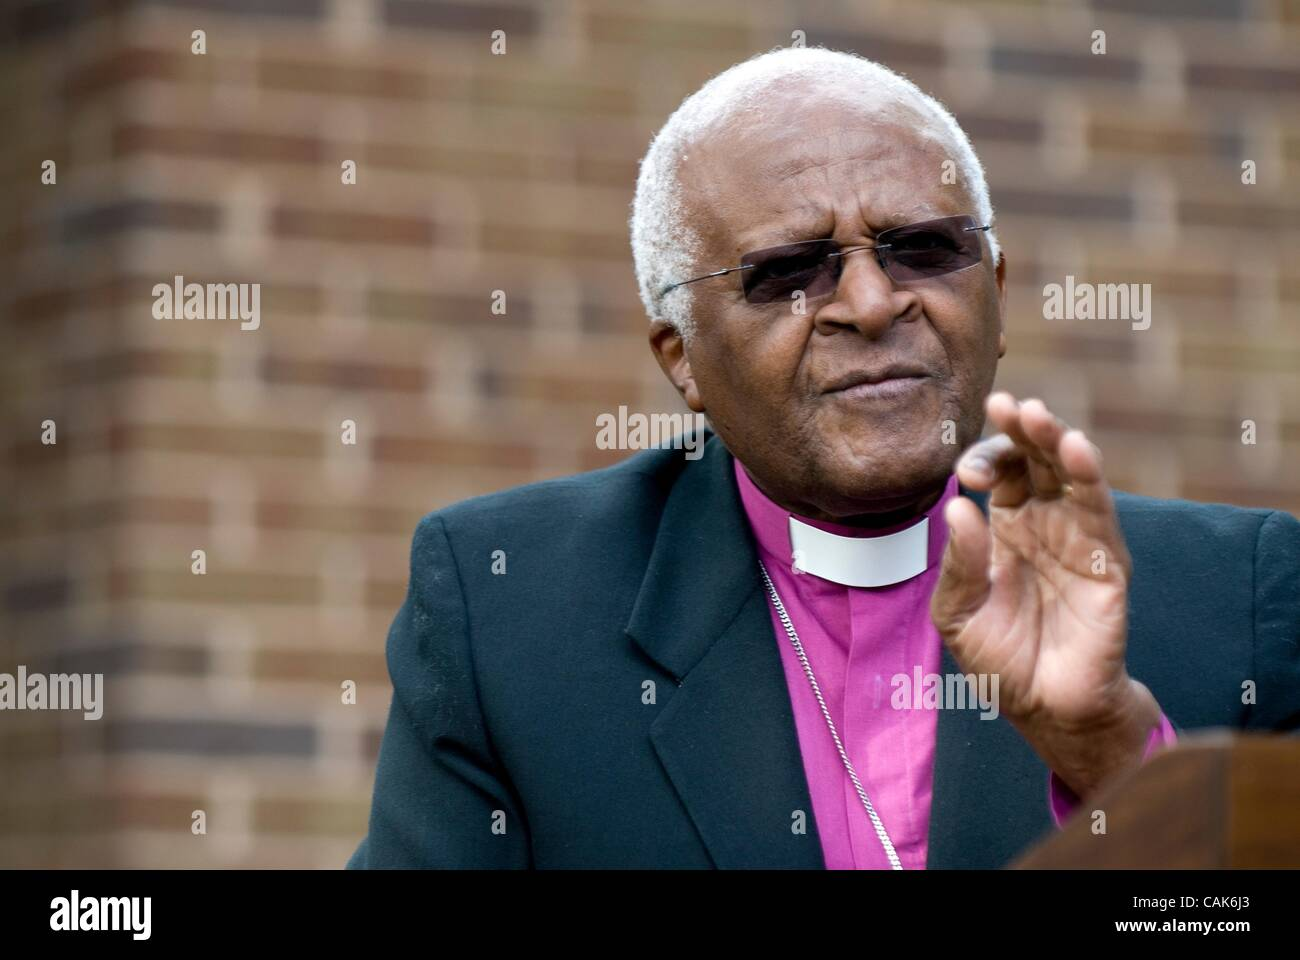 Sep 21, 2007 - Harrisonburg, Virginia, United States - The Most Rev. DESMOND TUTU, recipient of the 1984 Nobel Peace - Stock Image